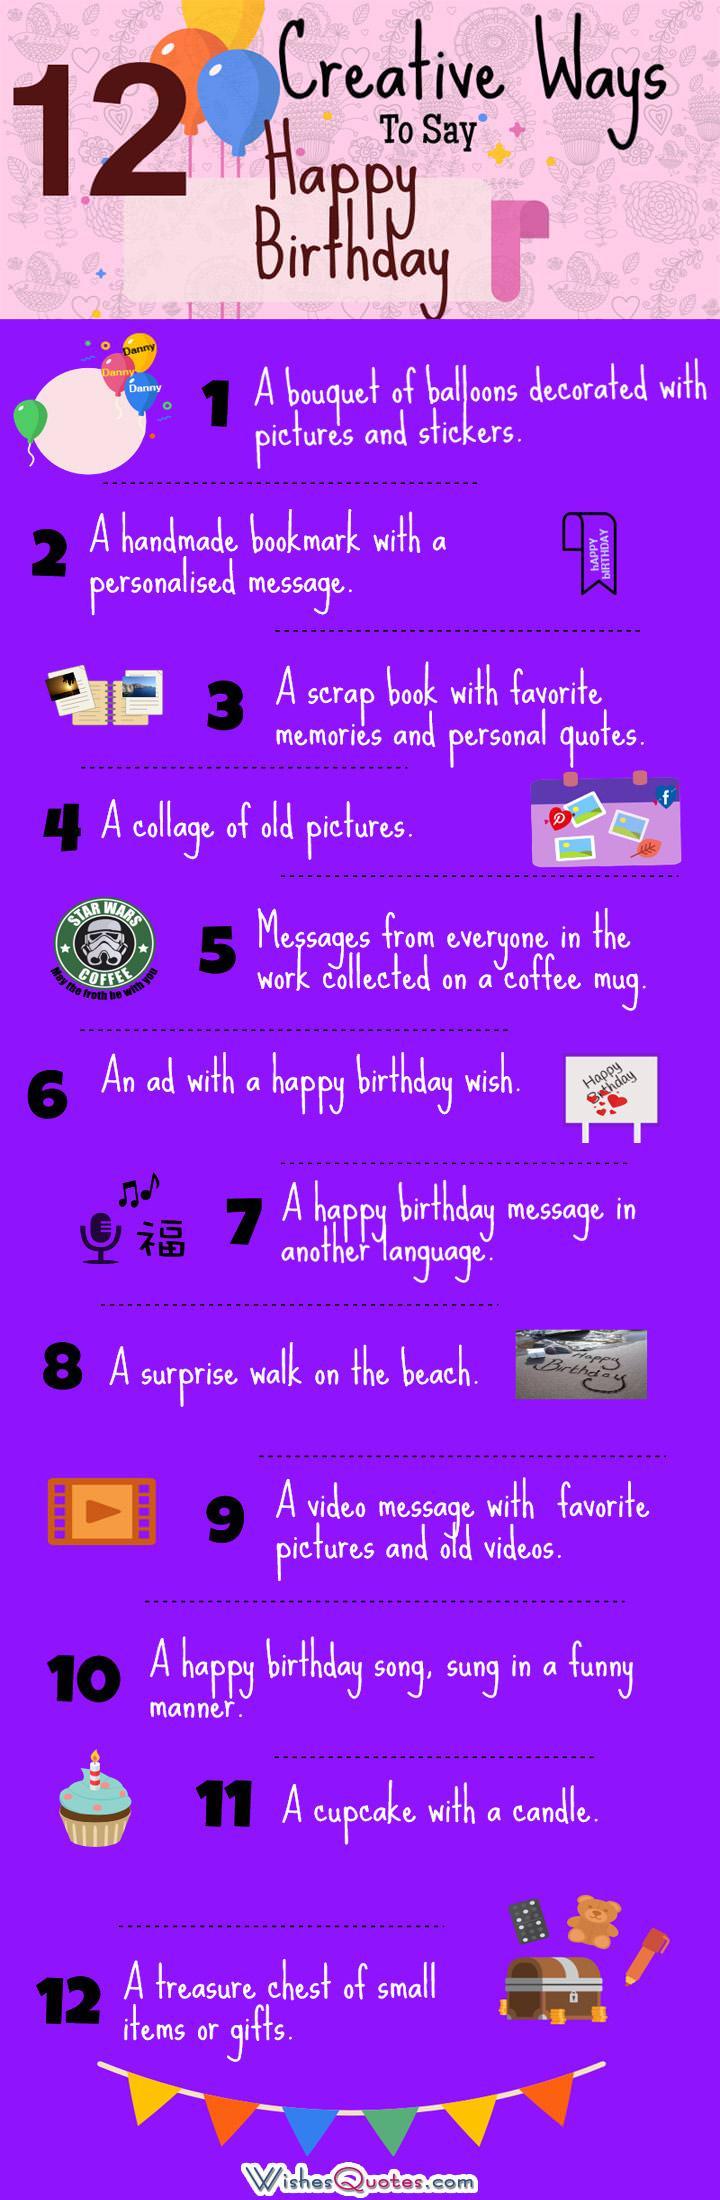 12 Creative Ways to Say Happy Birthday